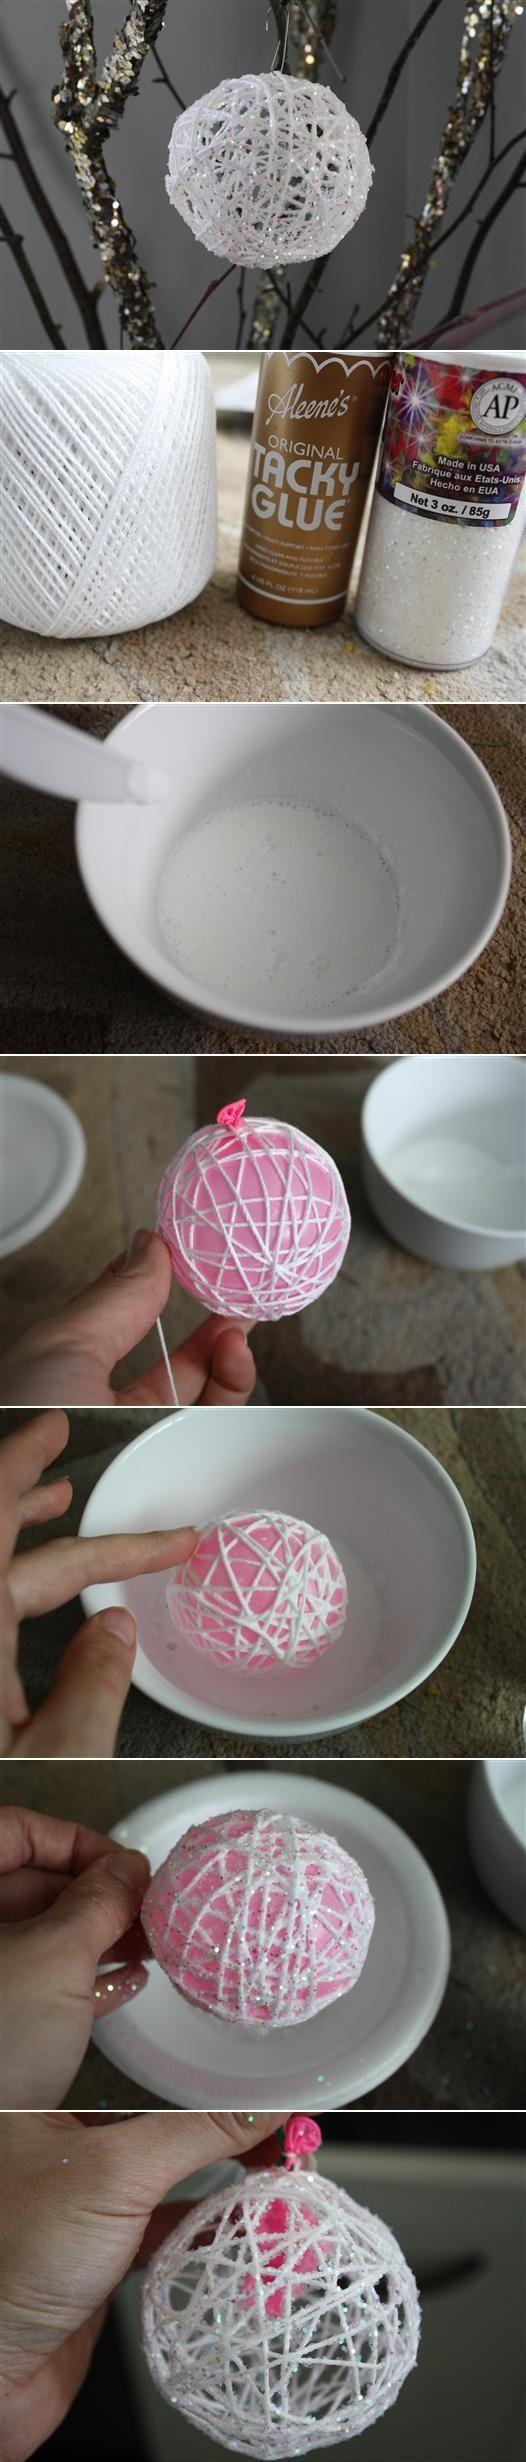 Come creare delle decorazioni natalizie: